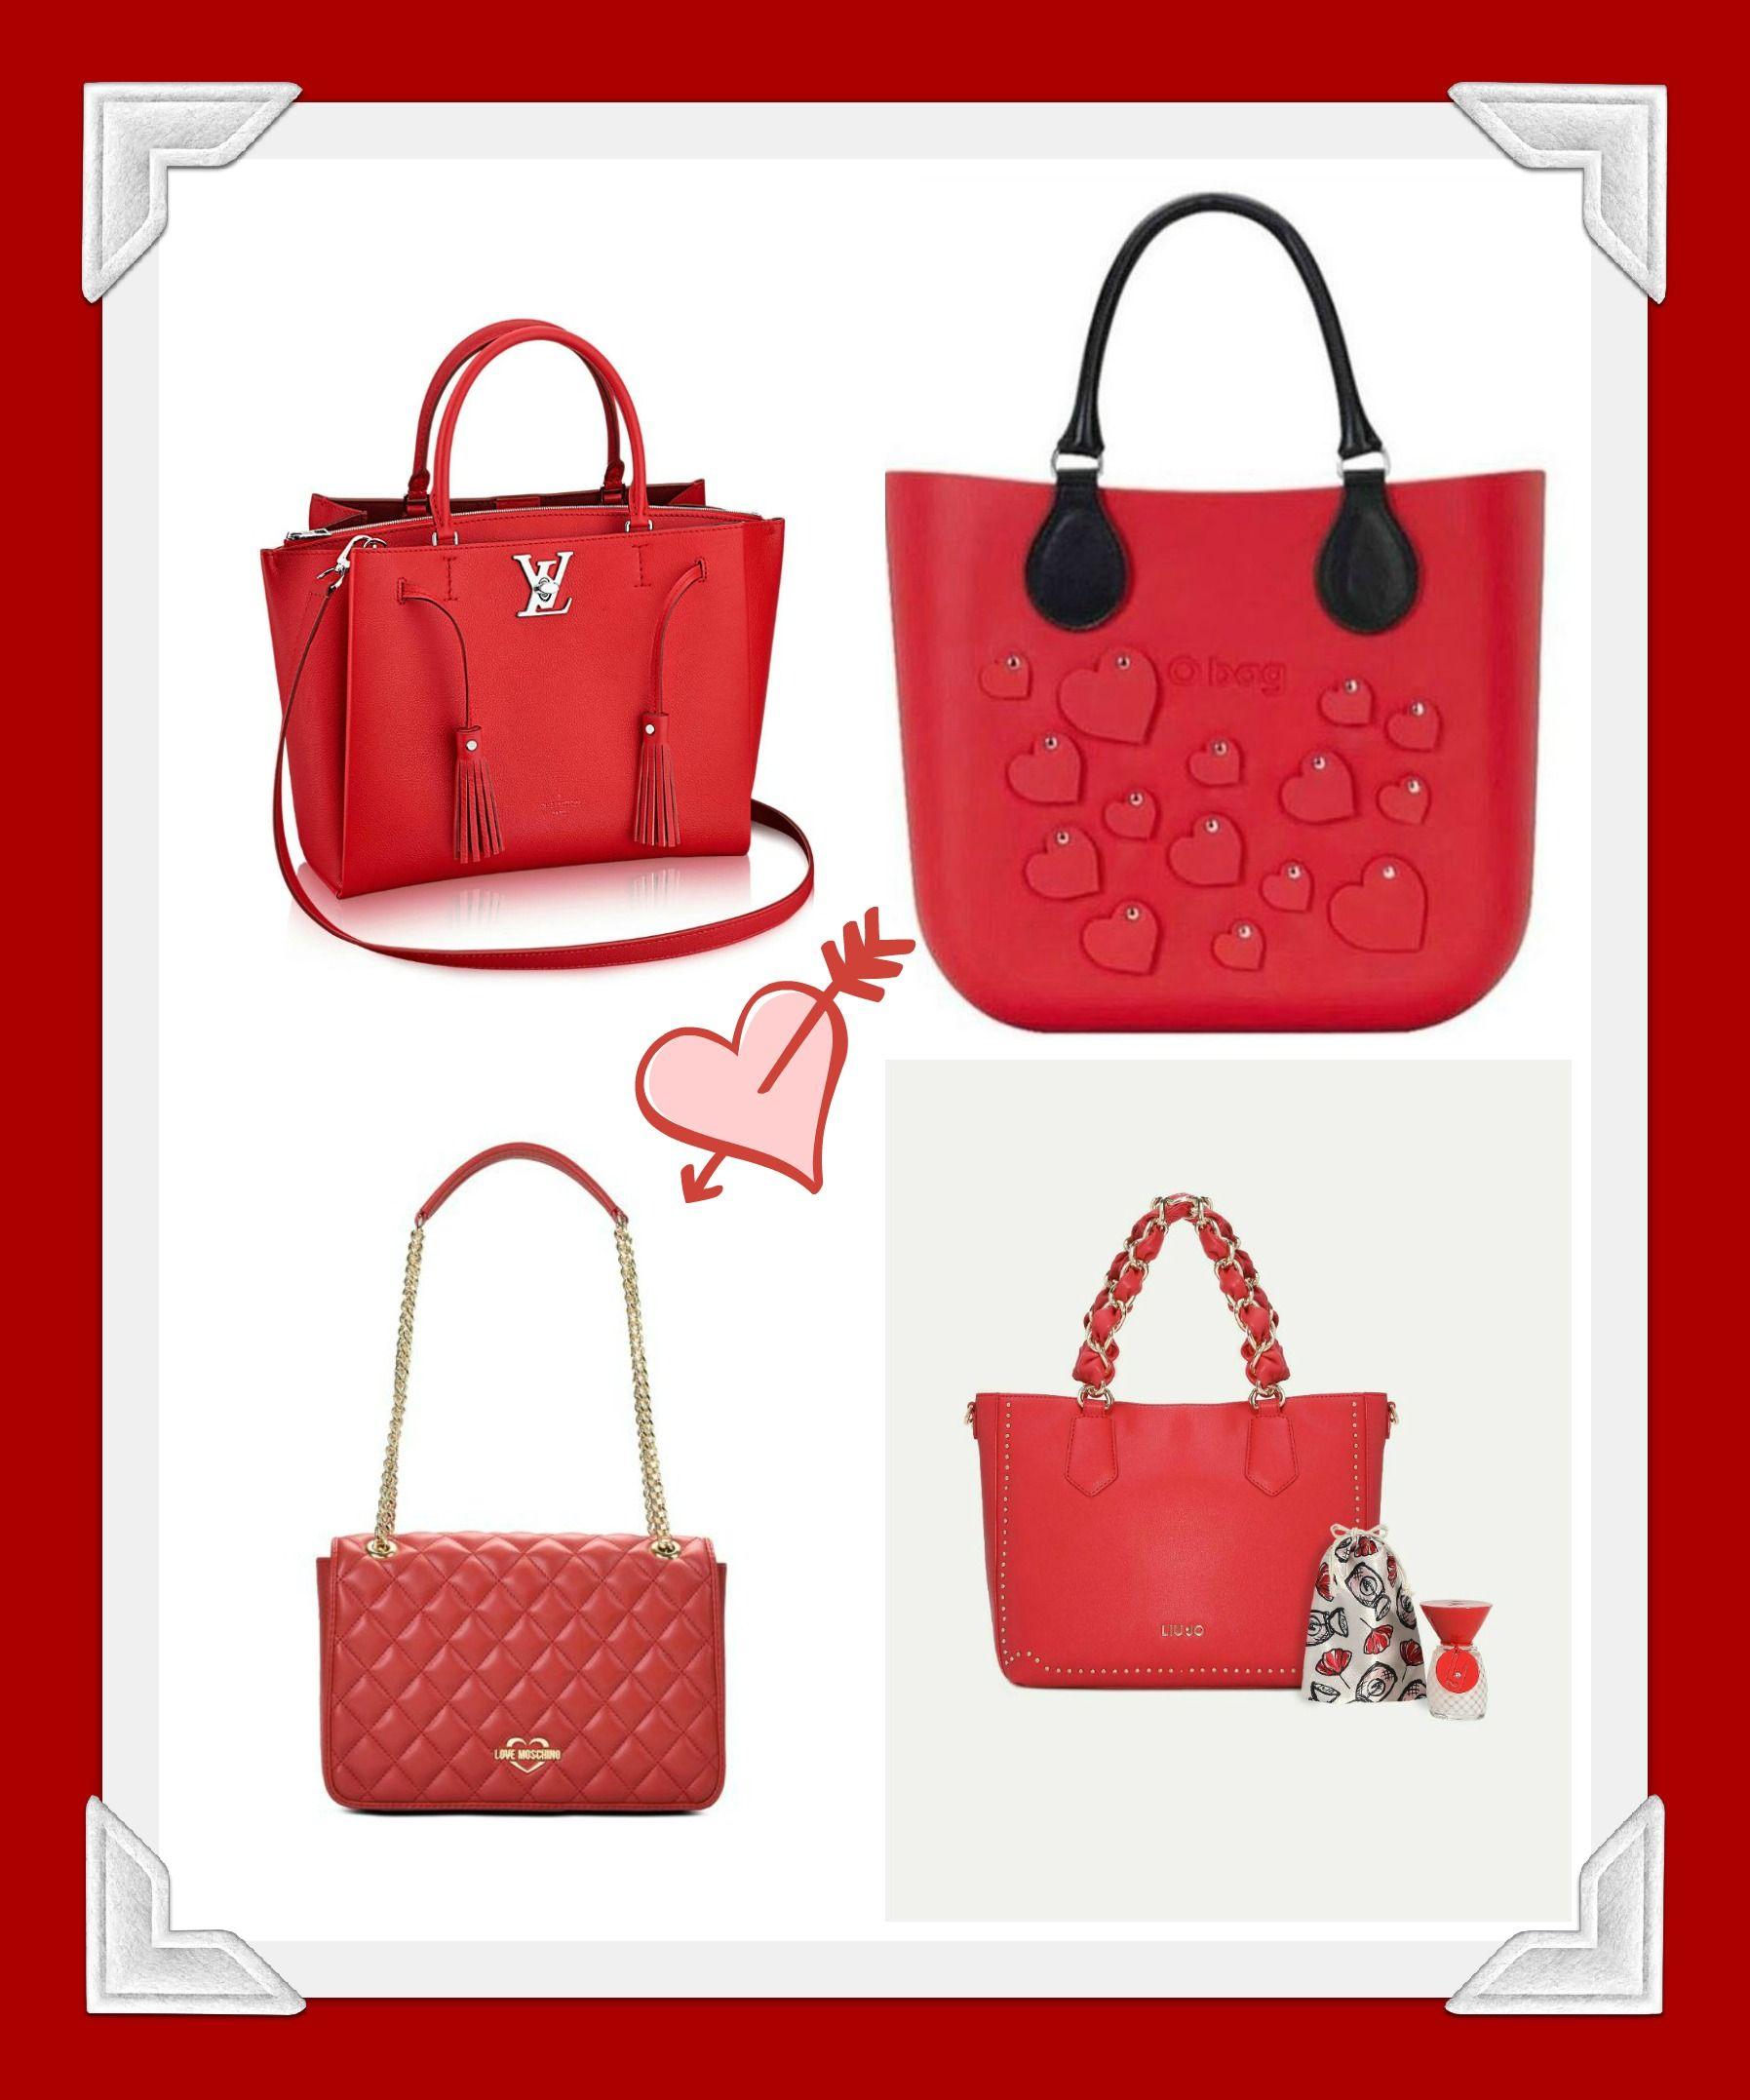 96deb625de Borse Rosse Idea Regalo San Valentino 2018 - Lei Trendy | handbag in ...